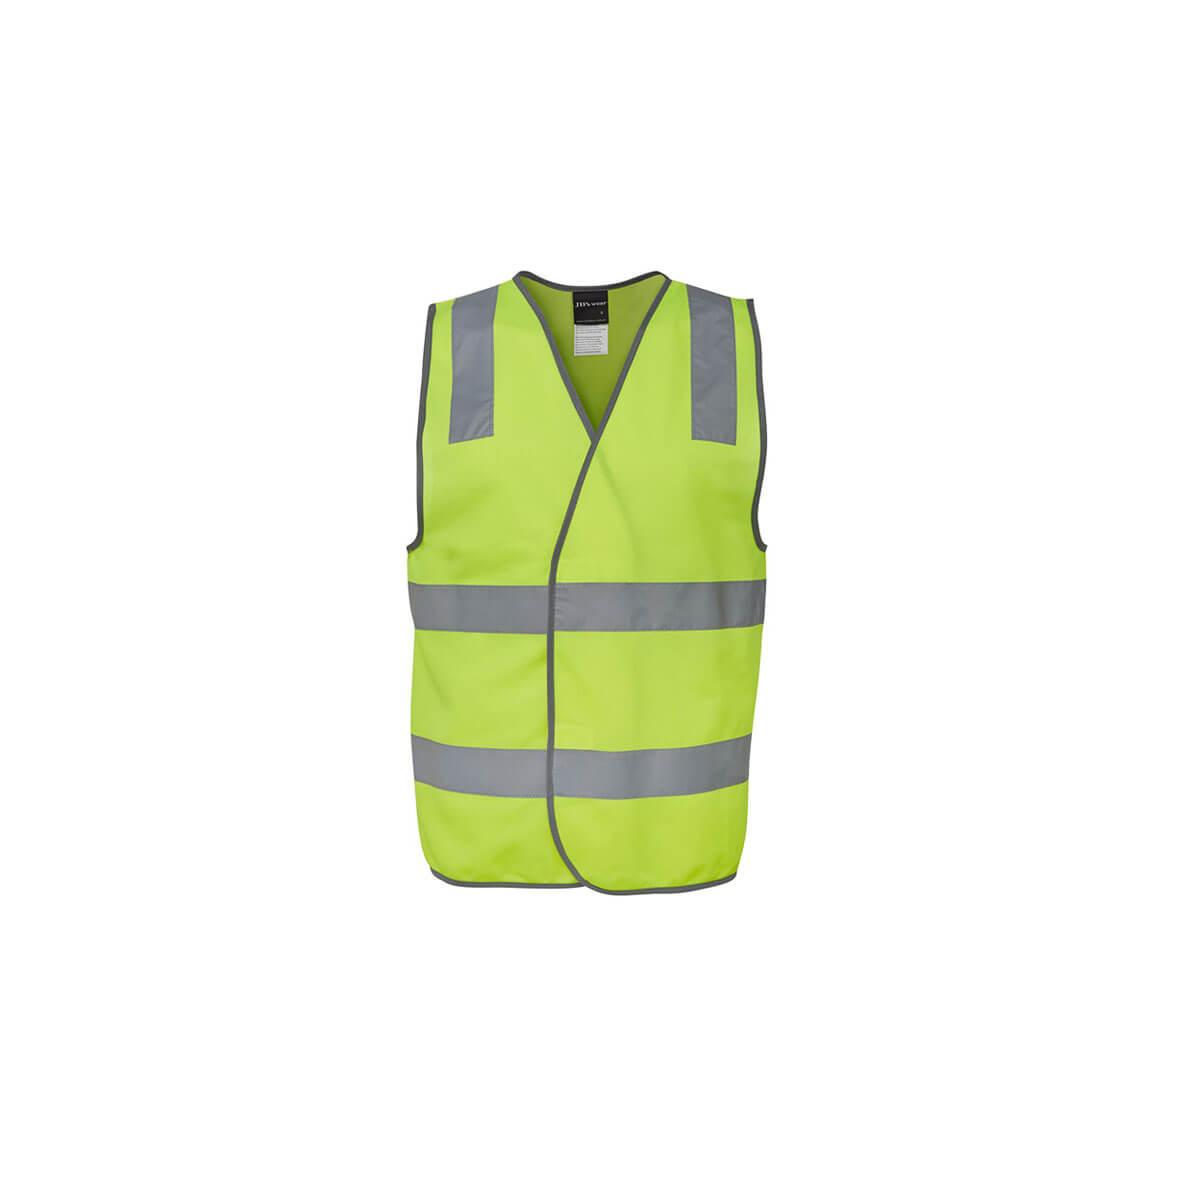 Hi Viz Safety Vests Custom Clothing